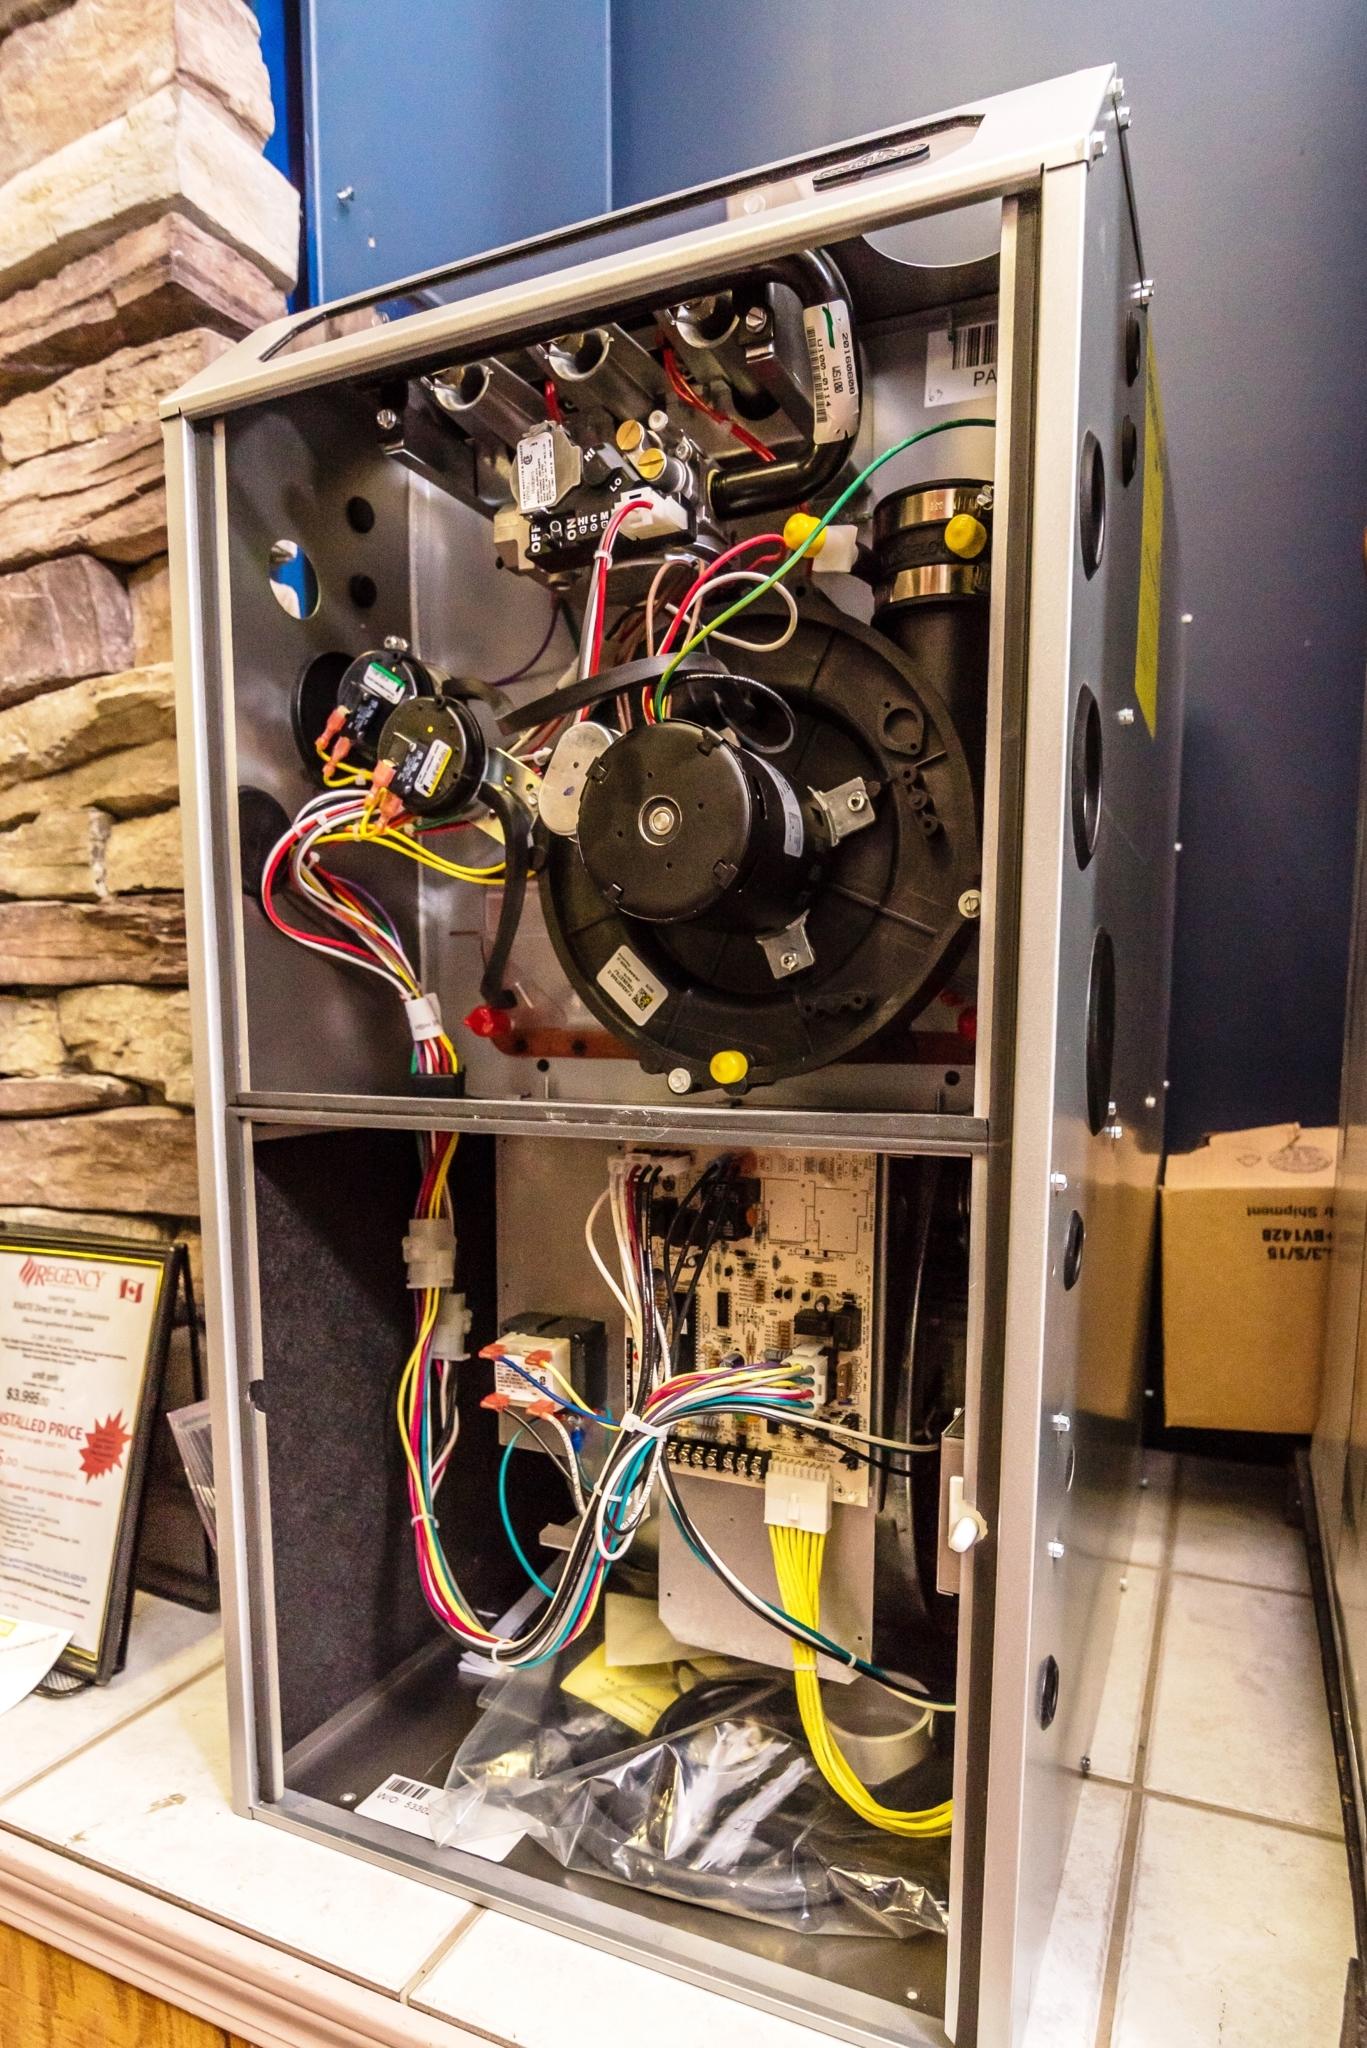 Chilliwack Heating Ltd in Chilliwack